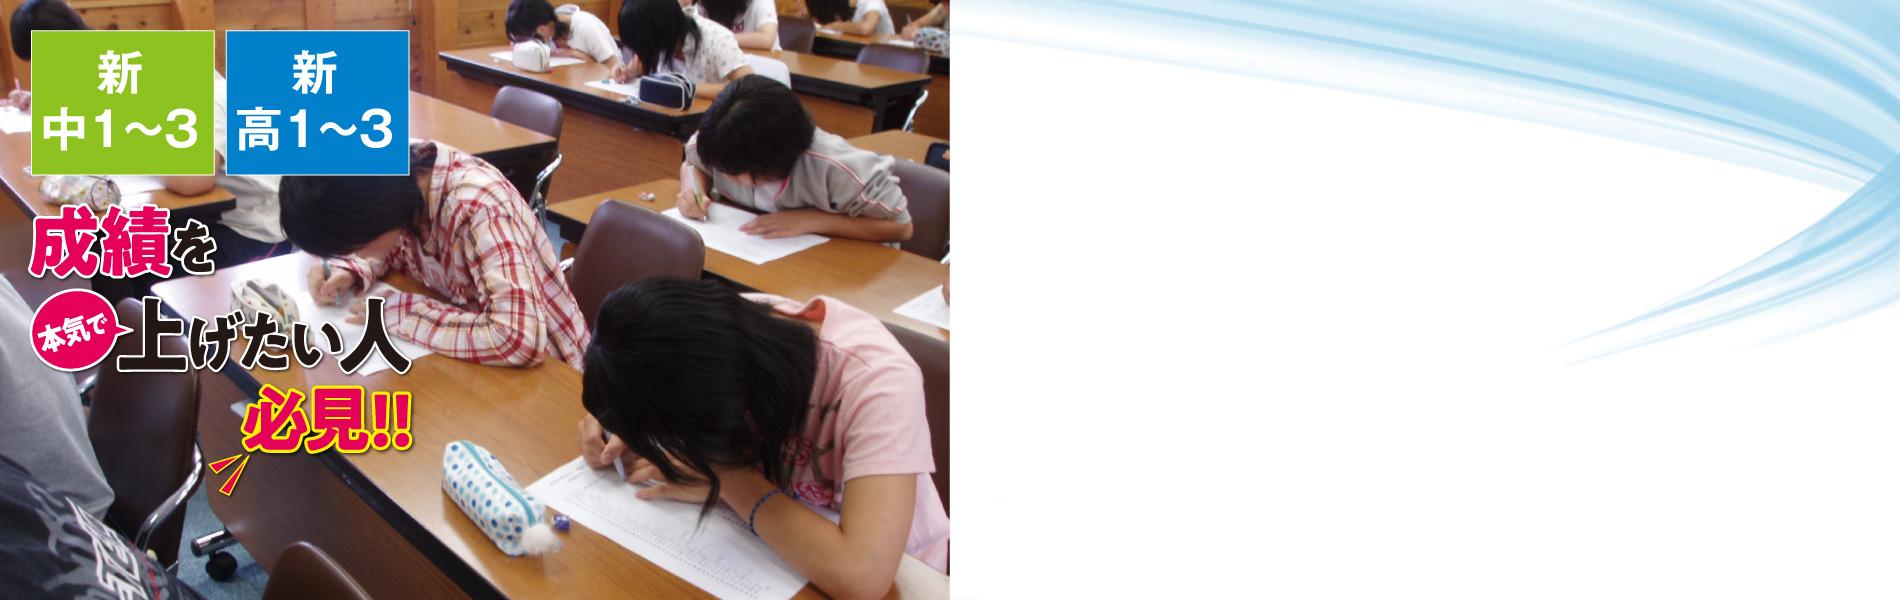 定期テスト対策講座